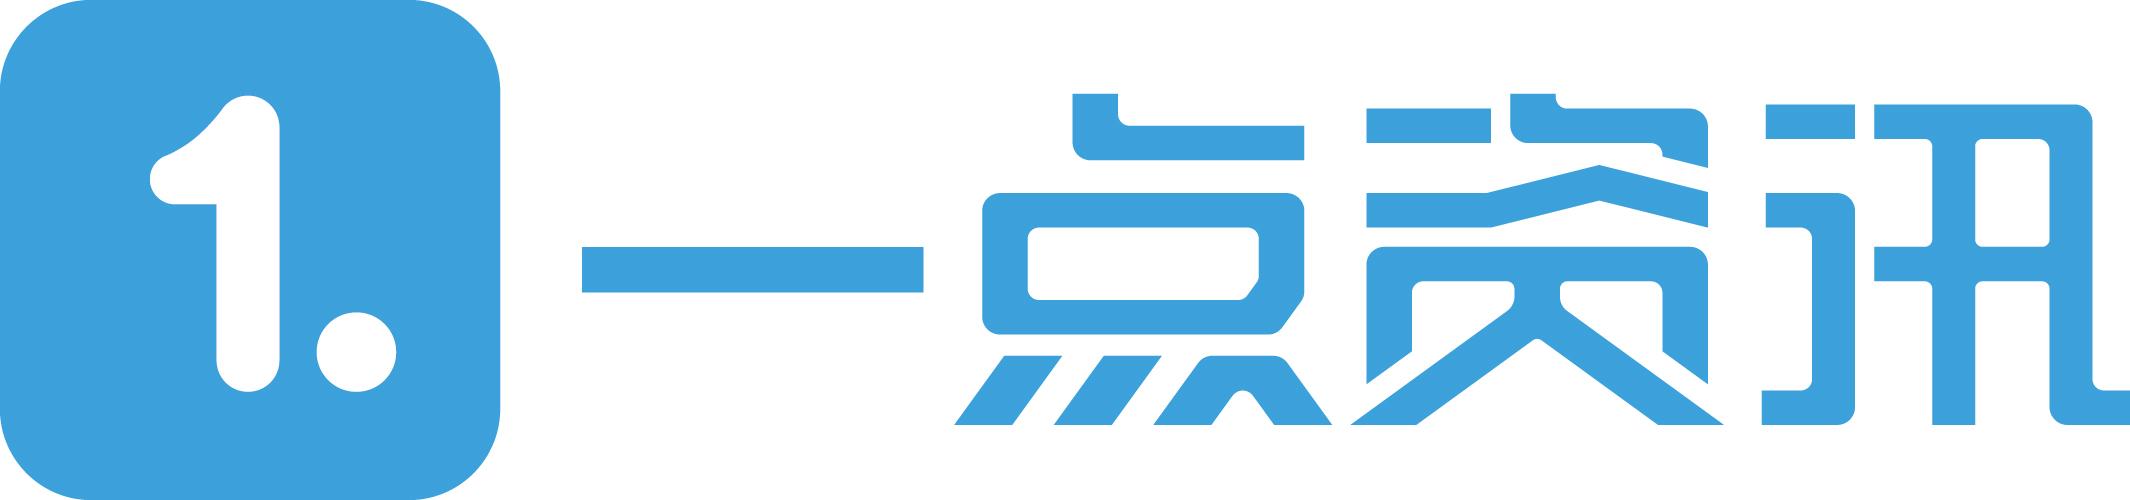 logo 标识 标志 设计 矢量 矢量图 素材 图标 2130_500